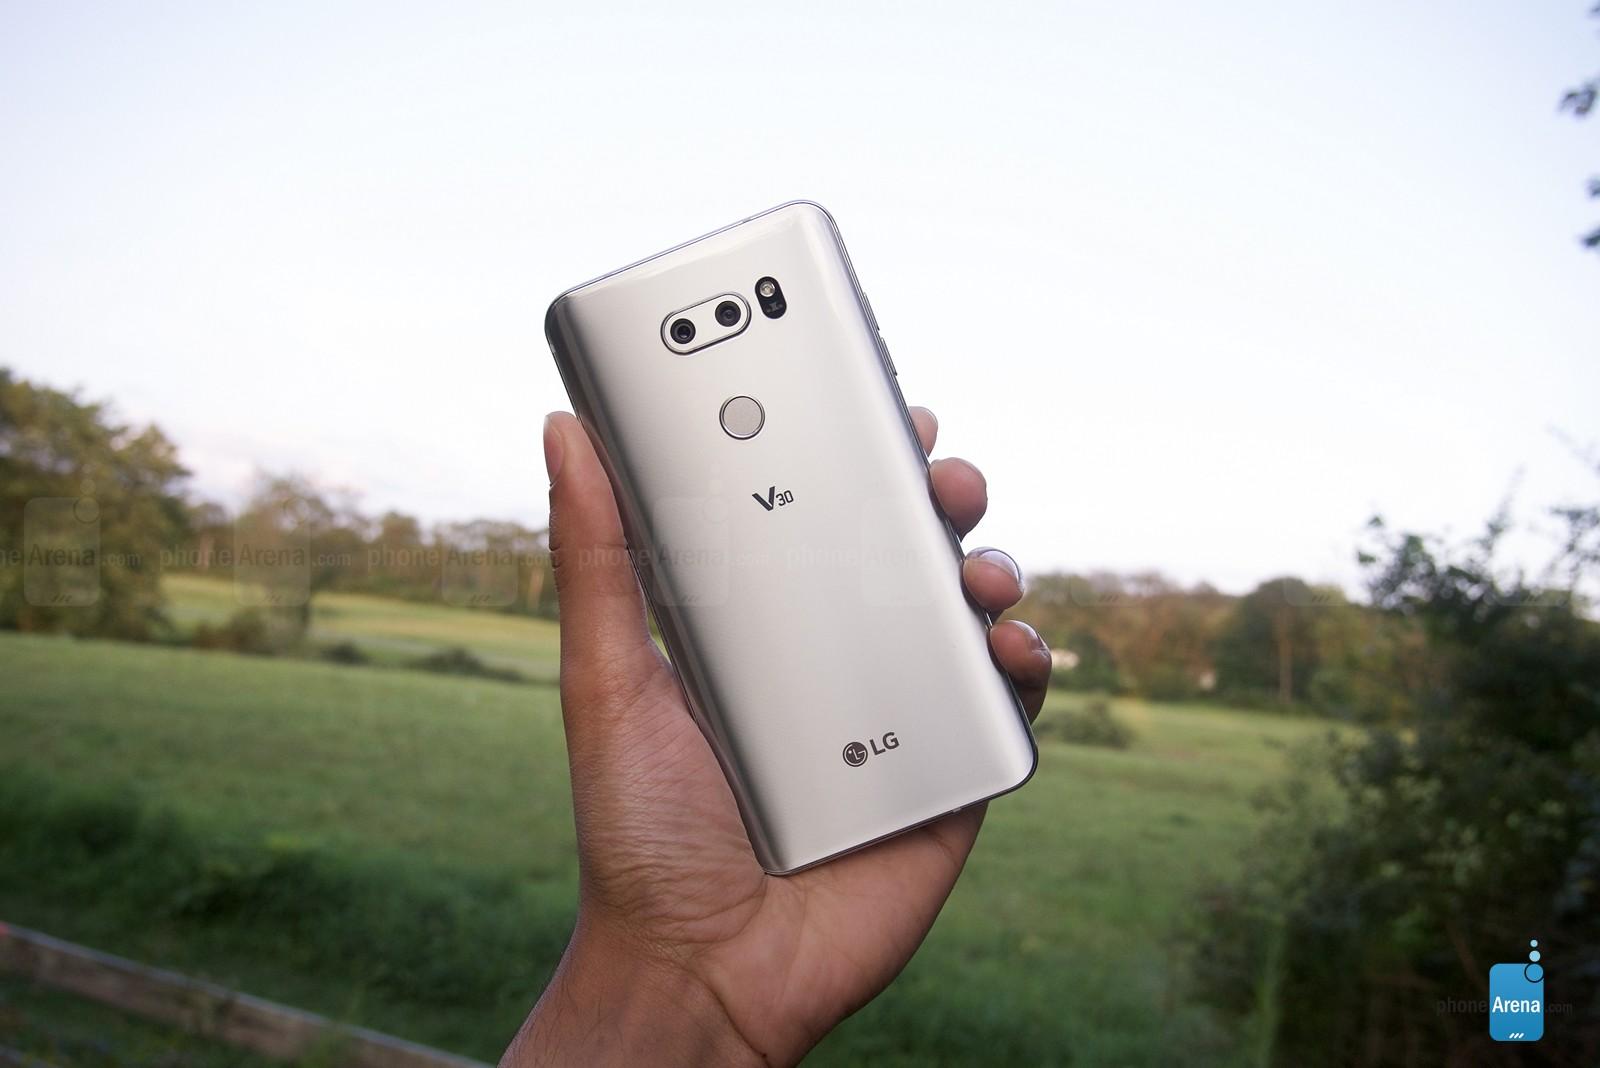 ال جی وی 30 معرفی شد؛ دوربین دوگانه، سختافزار قوی و نمایشگر بدون حاشیه